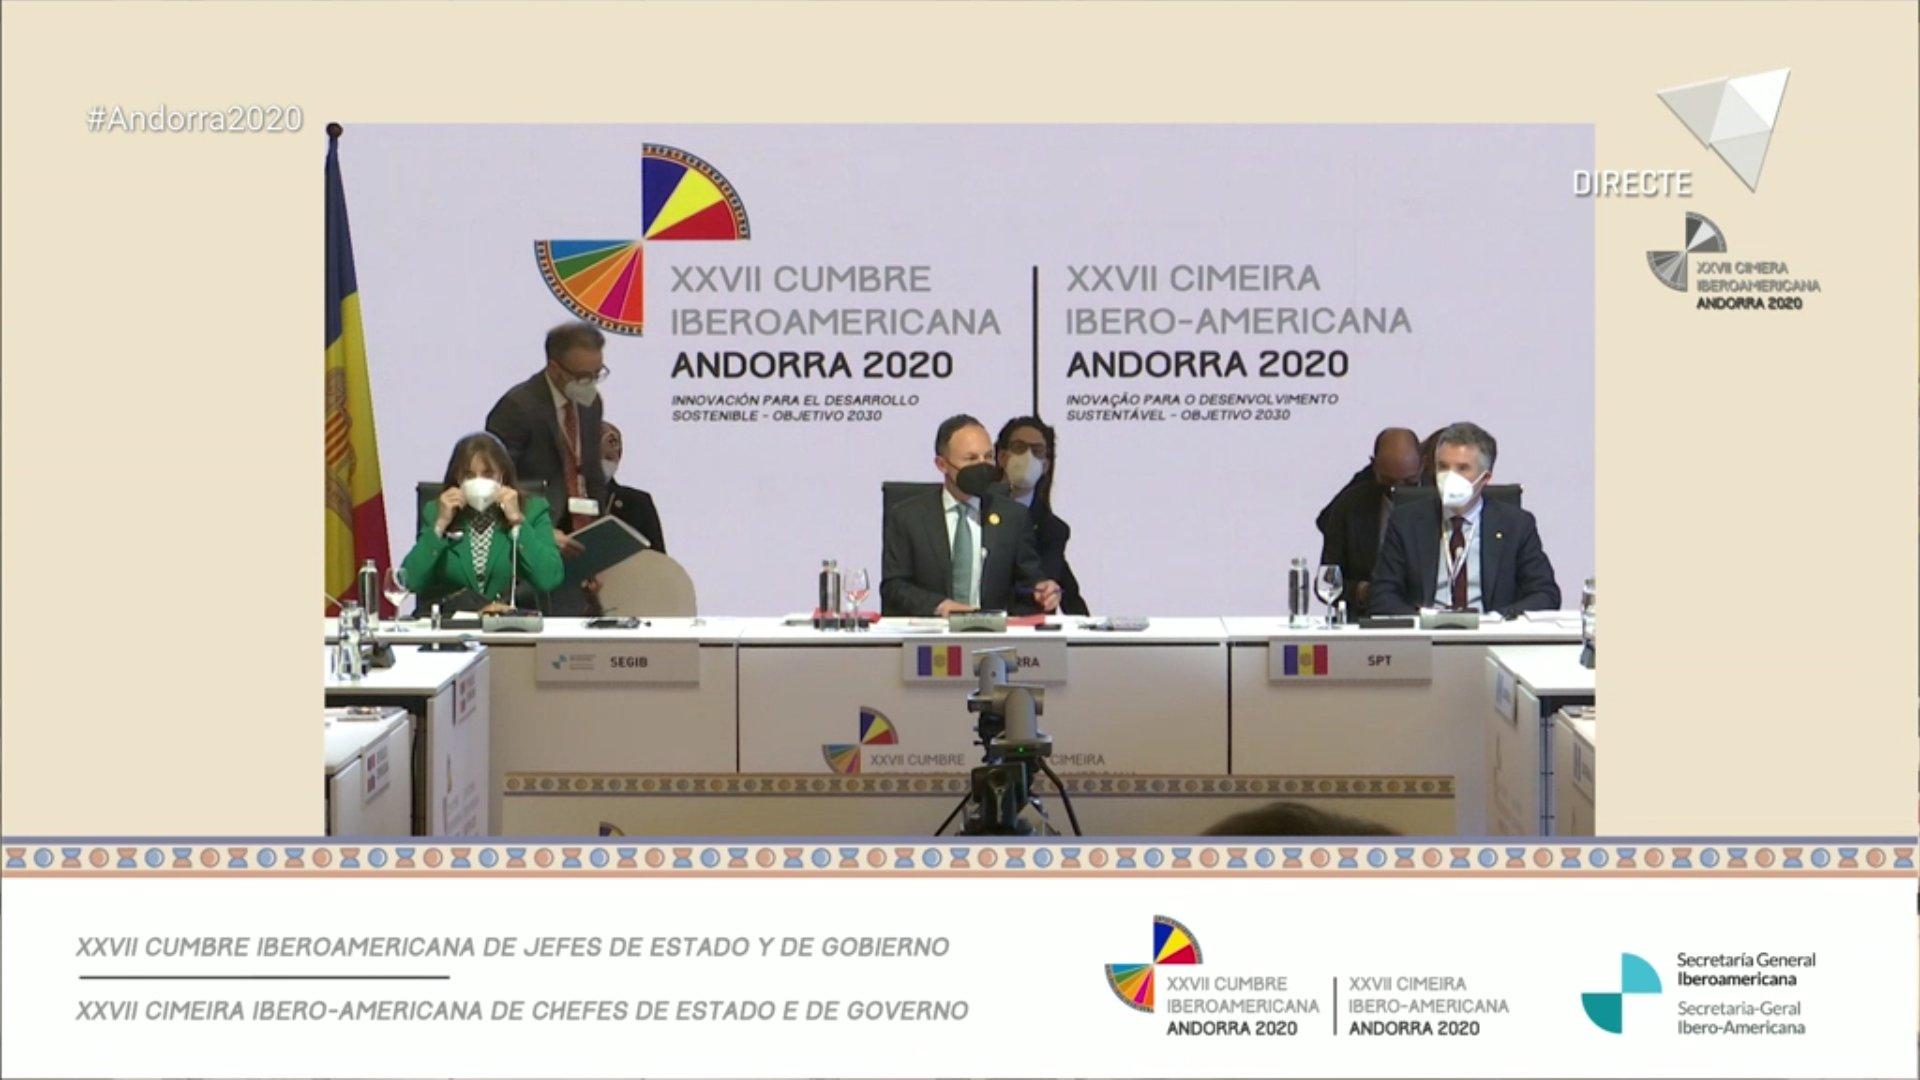 Sessió plenària de la XXVII Cimera Iberoamericana de caps d'Estat i de Govern Andorra 2020